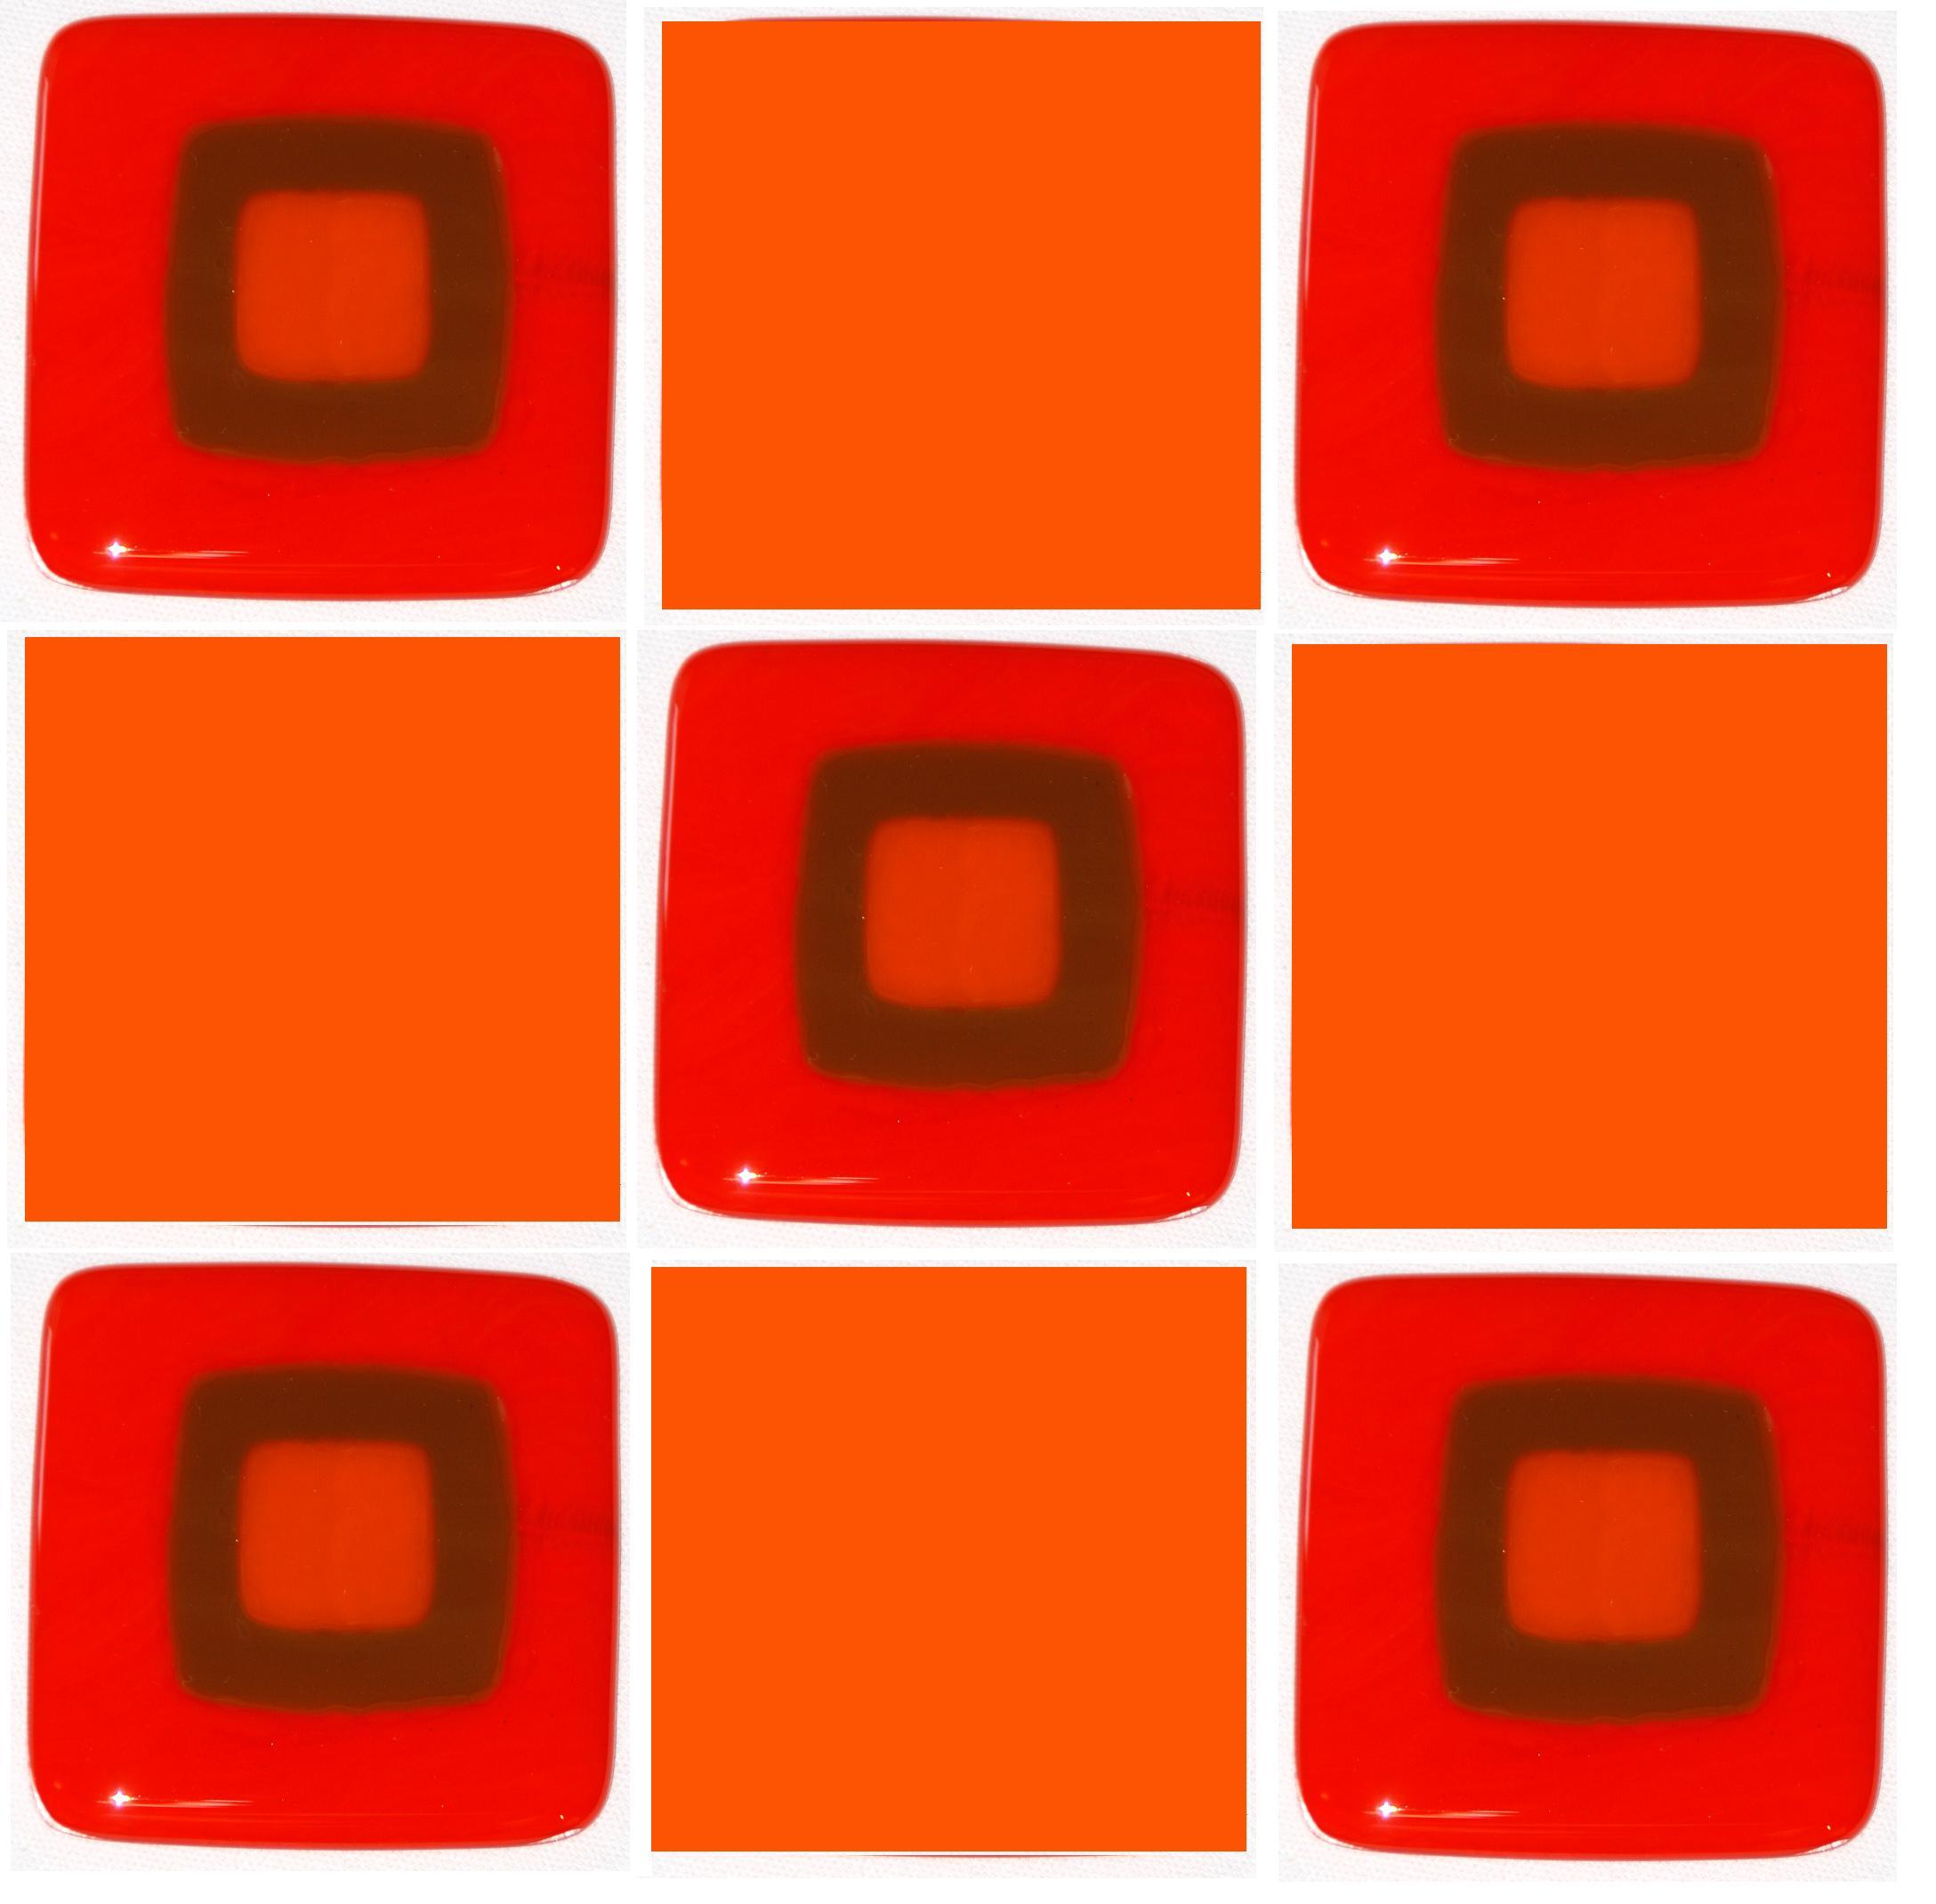 pimiento on white tiles with orange.jpg